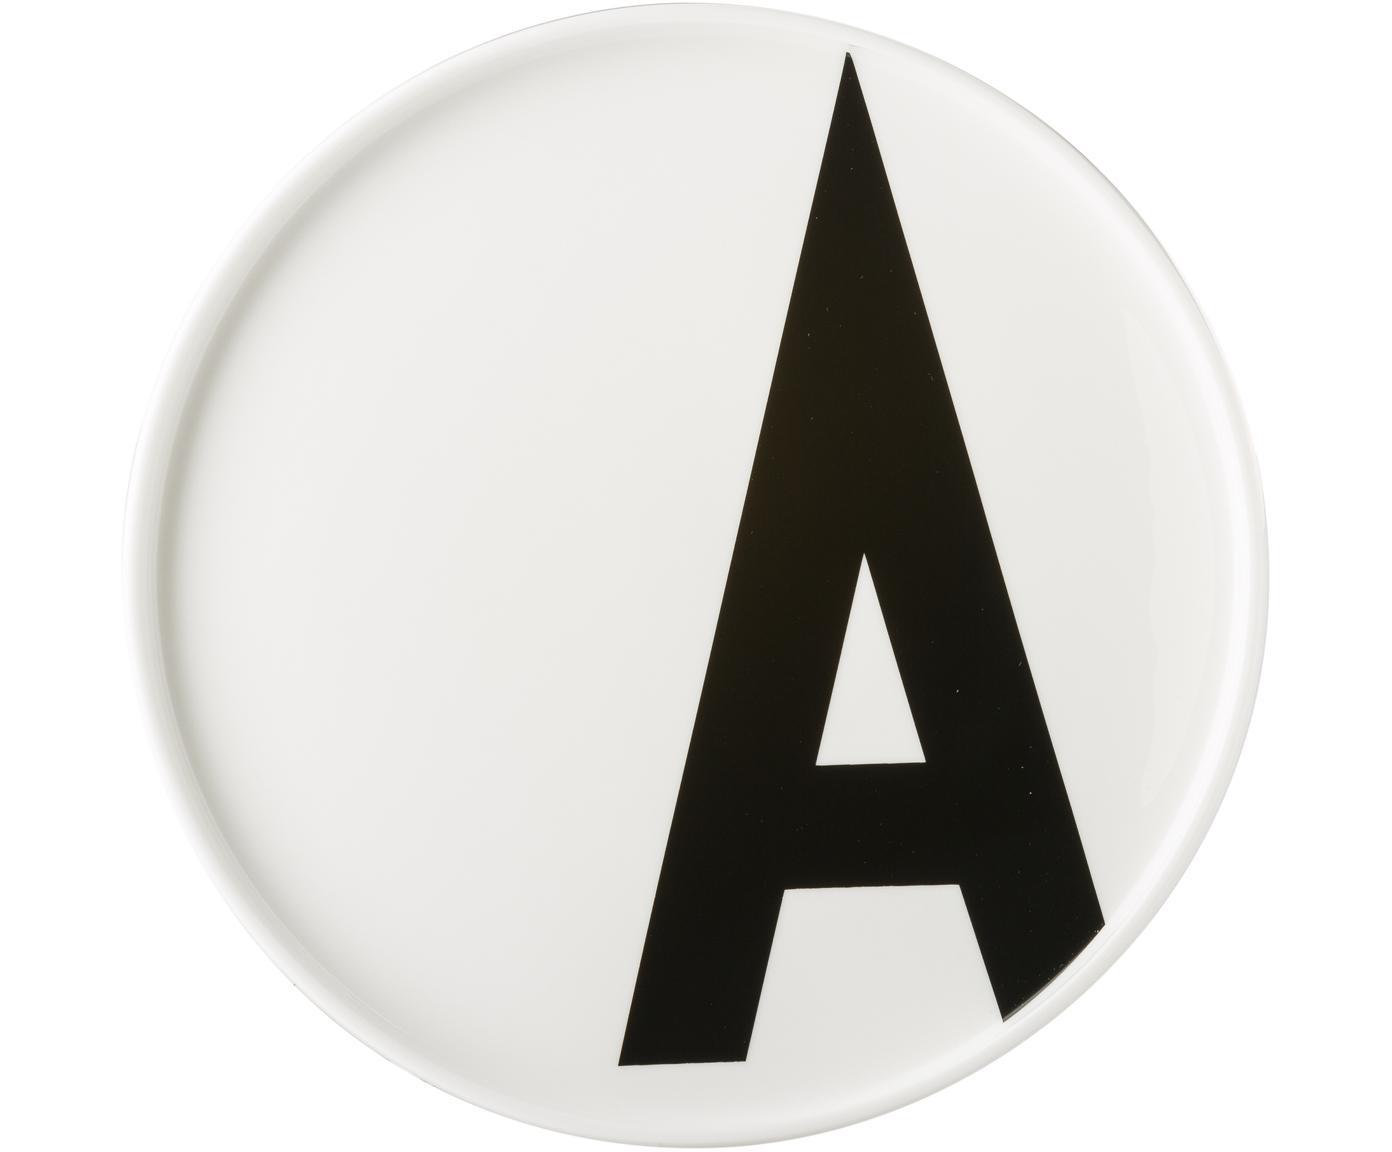 Piatto da colazione di desing Personal (varianti dalla A alla Z), Porcellana Fine Bone China, Bianco, nero, Piatto A